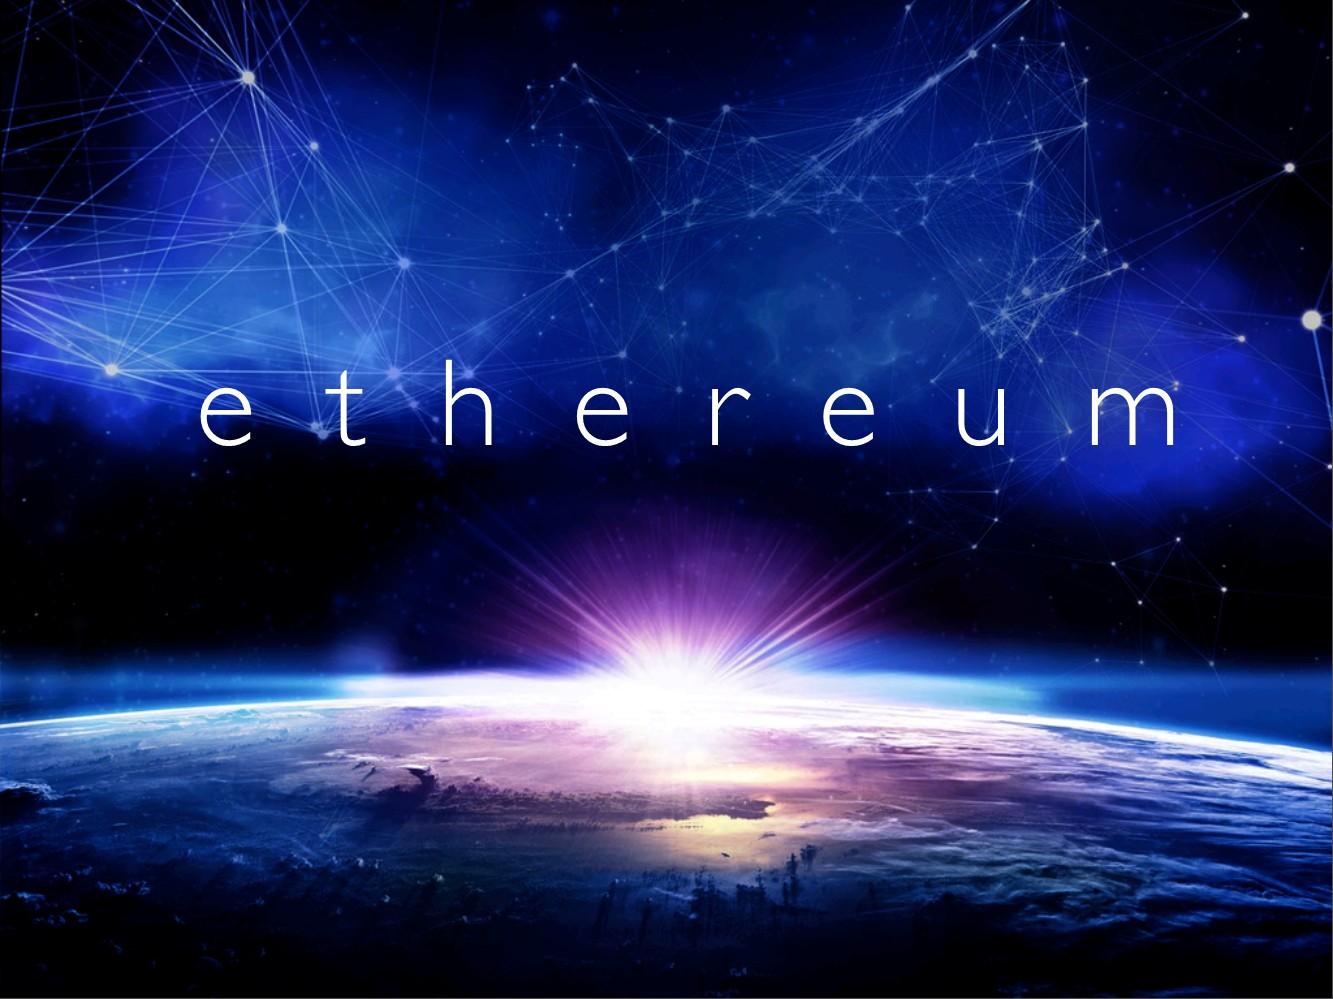 Эфириум — ещё одна криптовалюта, получившая признание